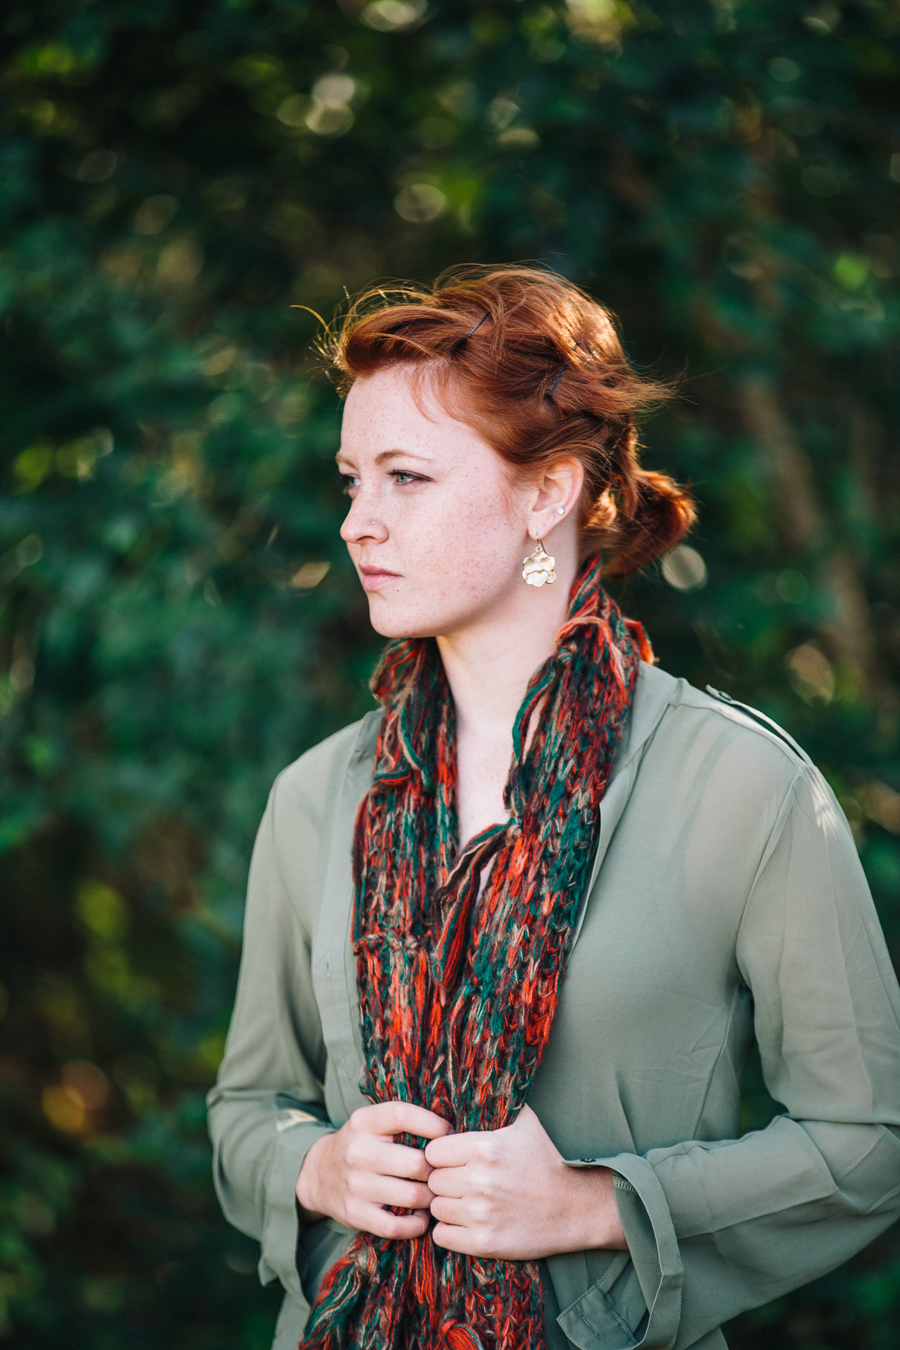 cady-portraits-cbarronjr-7833.jpg